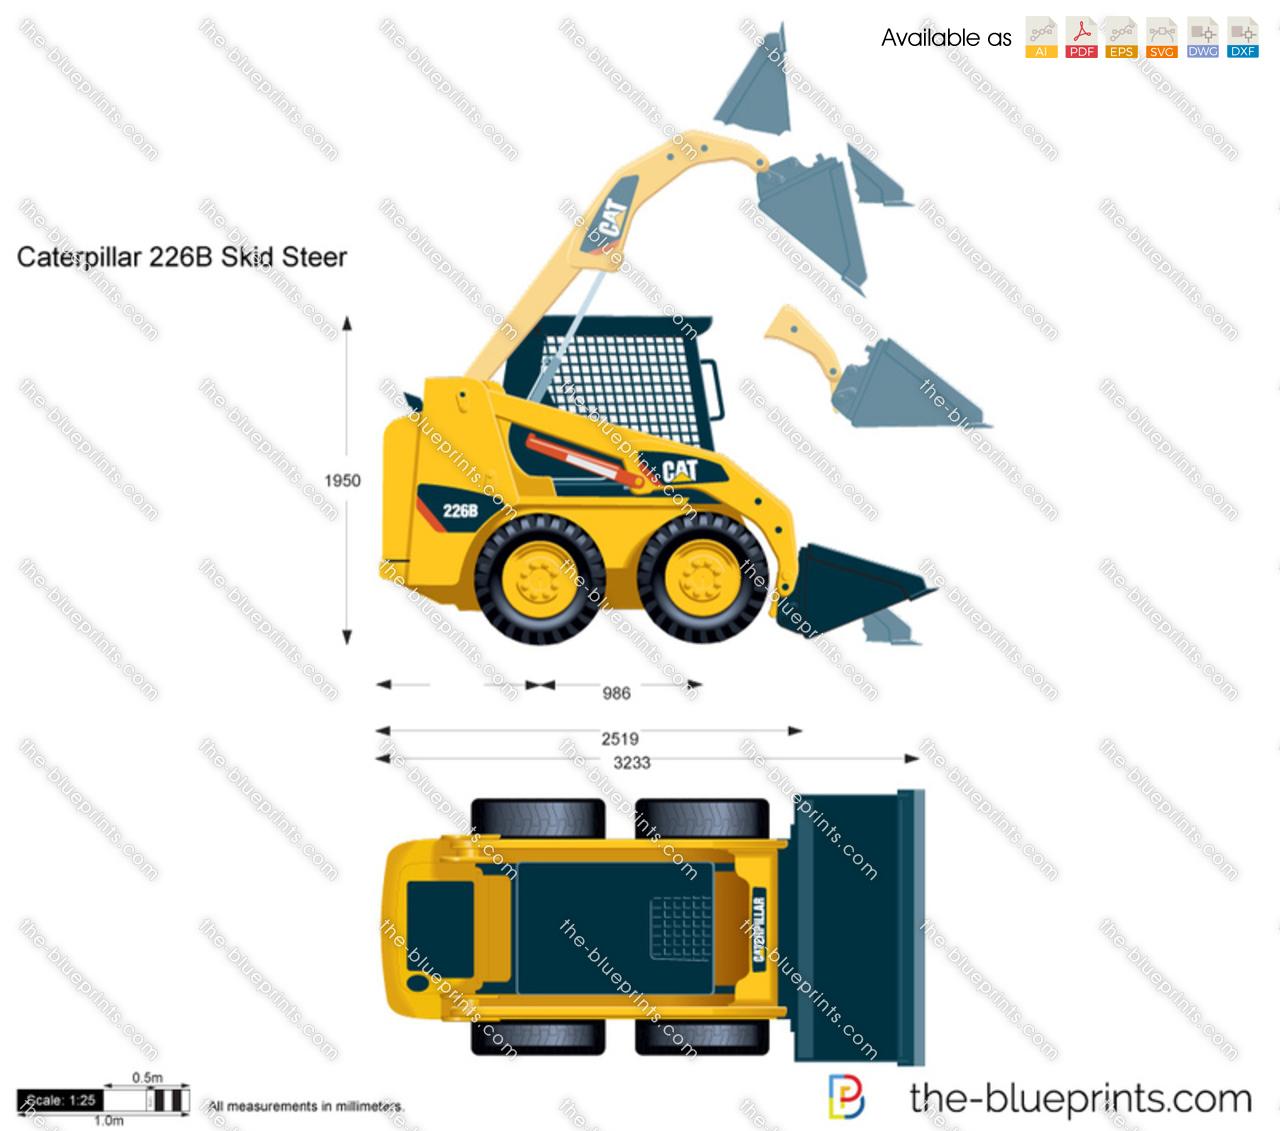 Caterpillar 226B Skid Steer Loader